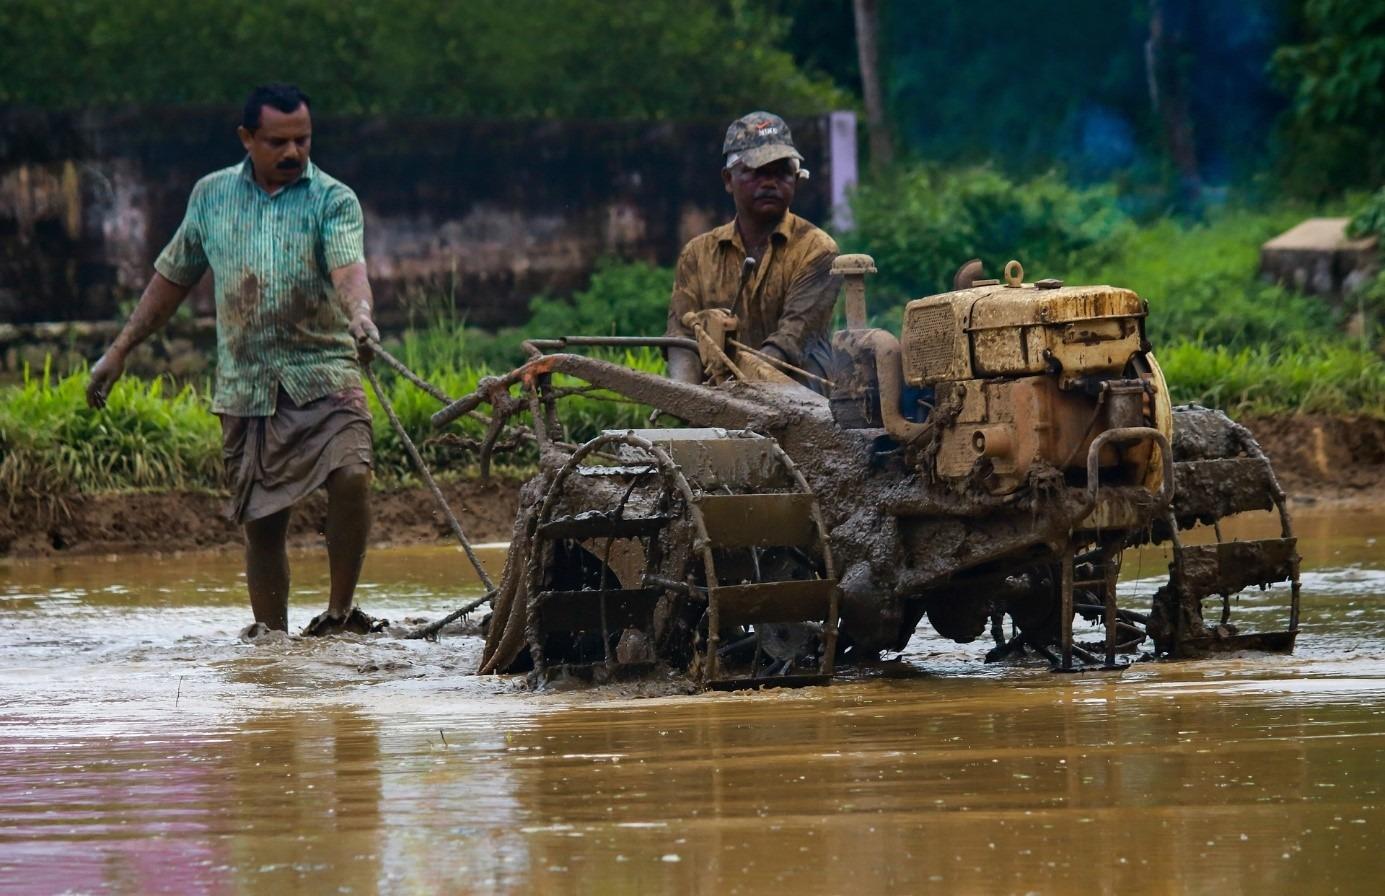 Indische Bauern bei der Landarbeit mit einer Zugmaschine